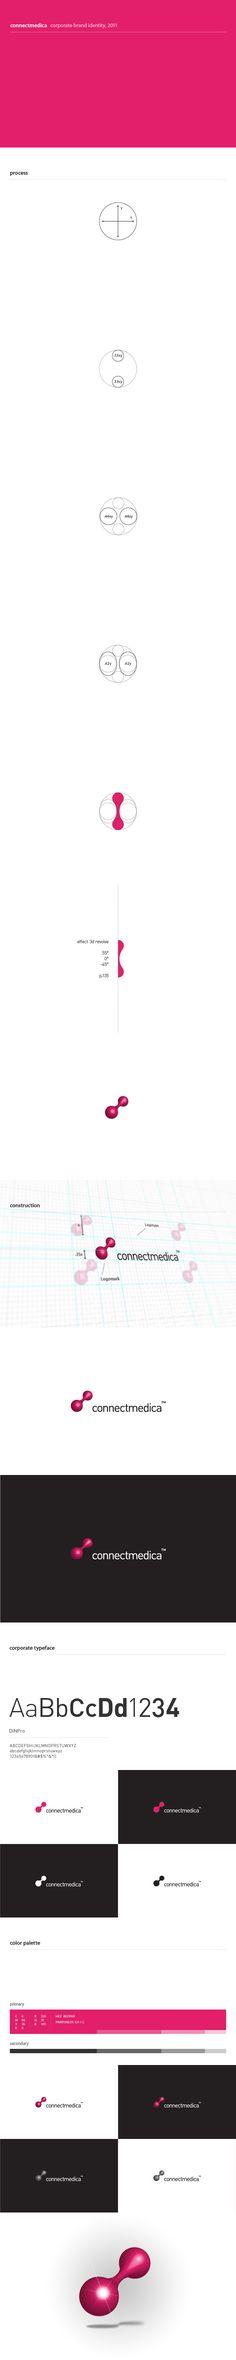 Logo design for ConnectMedica